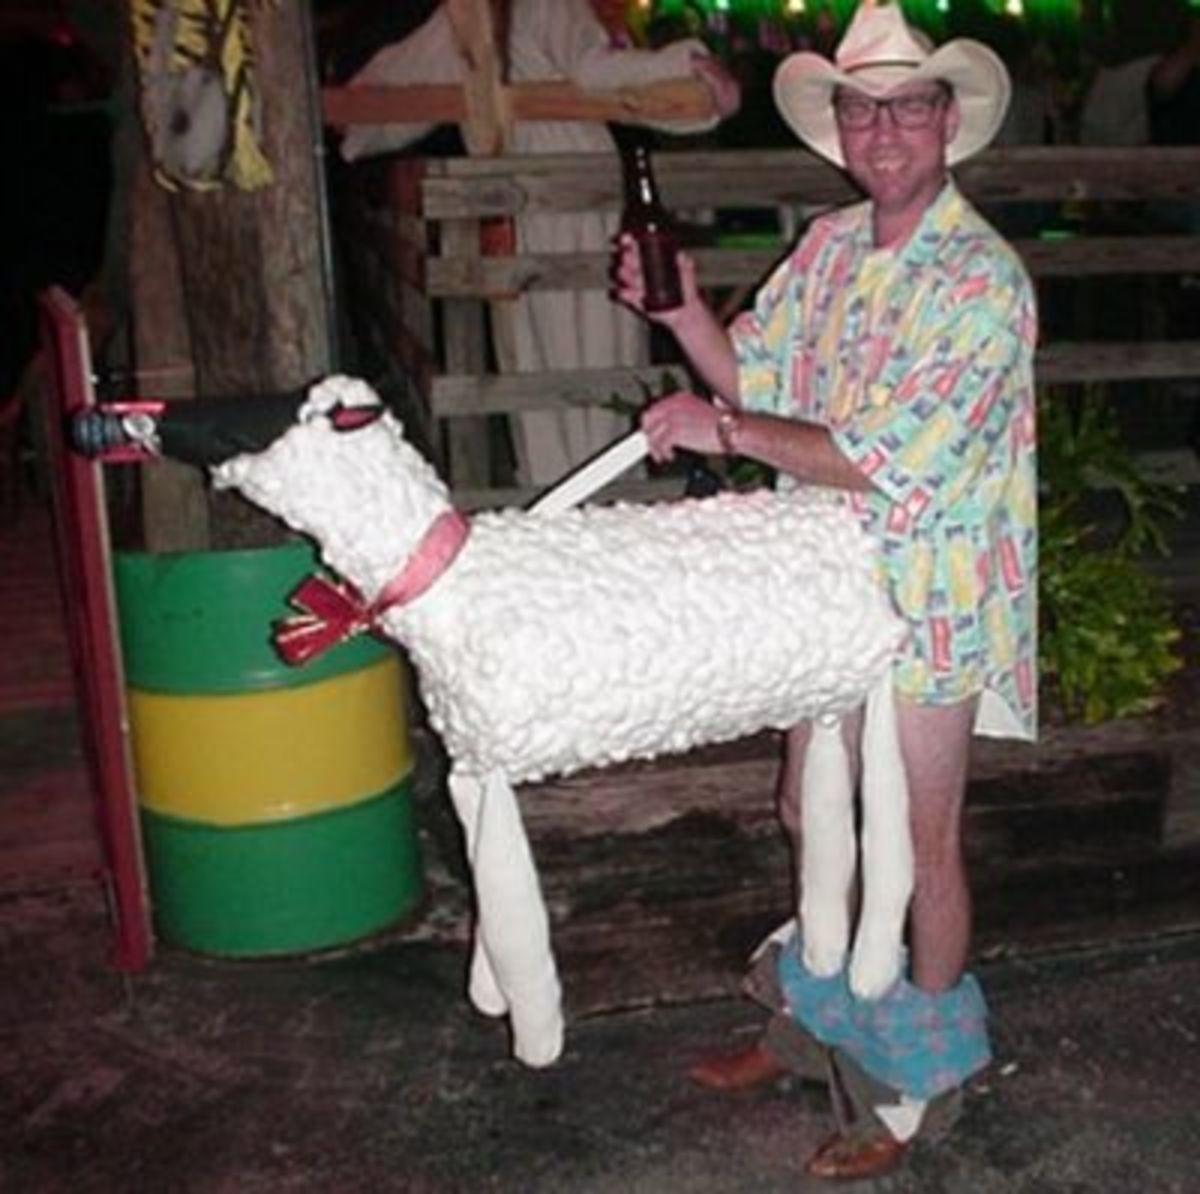 Sheep Molester